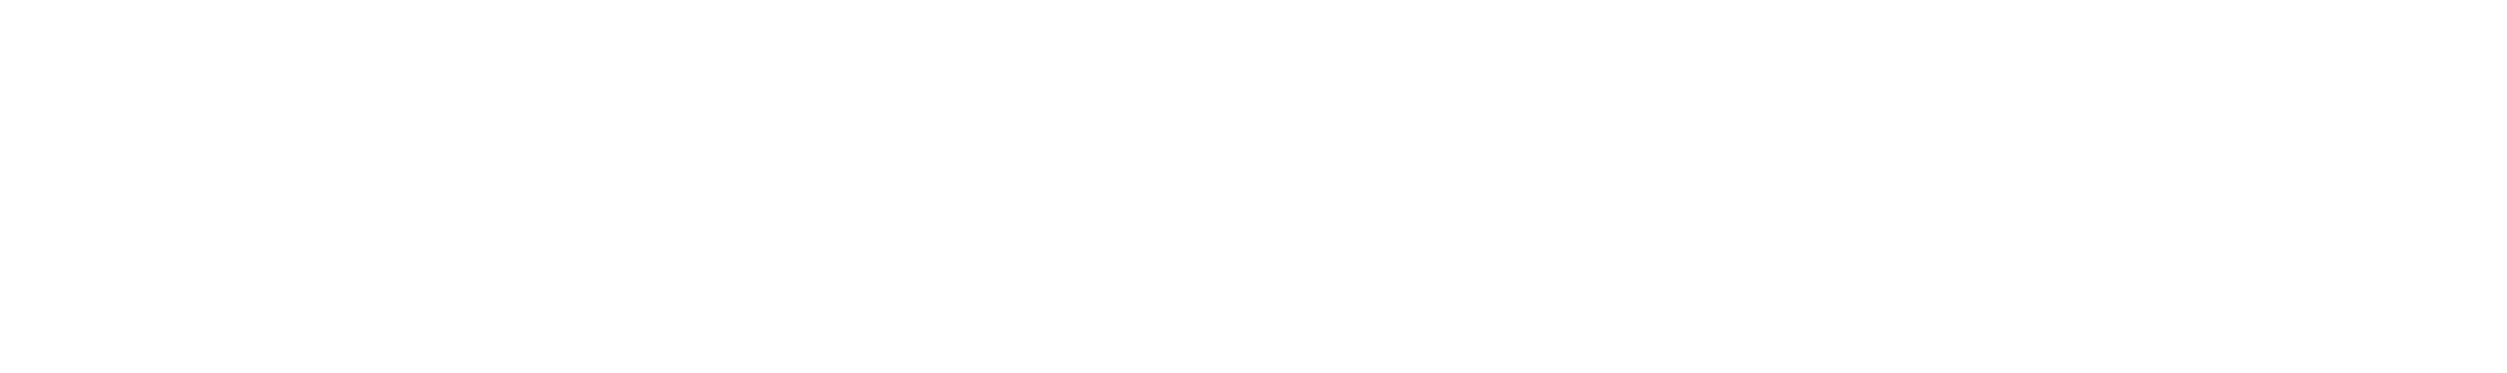 蕎麦・カフェ「由布姫」、記念品お土産「桔梗信玄」